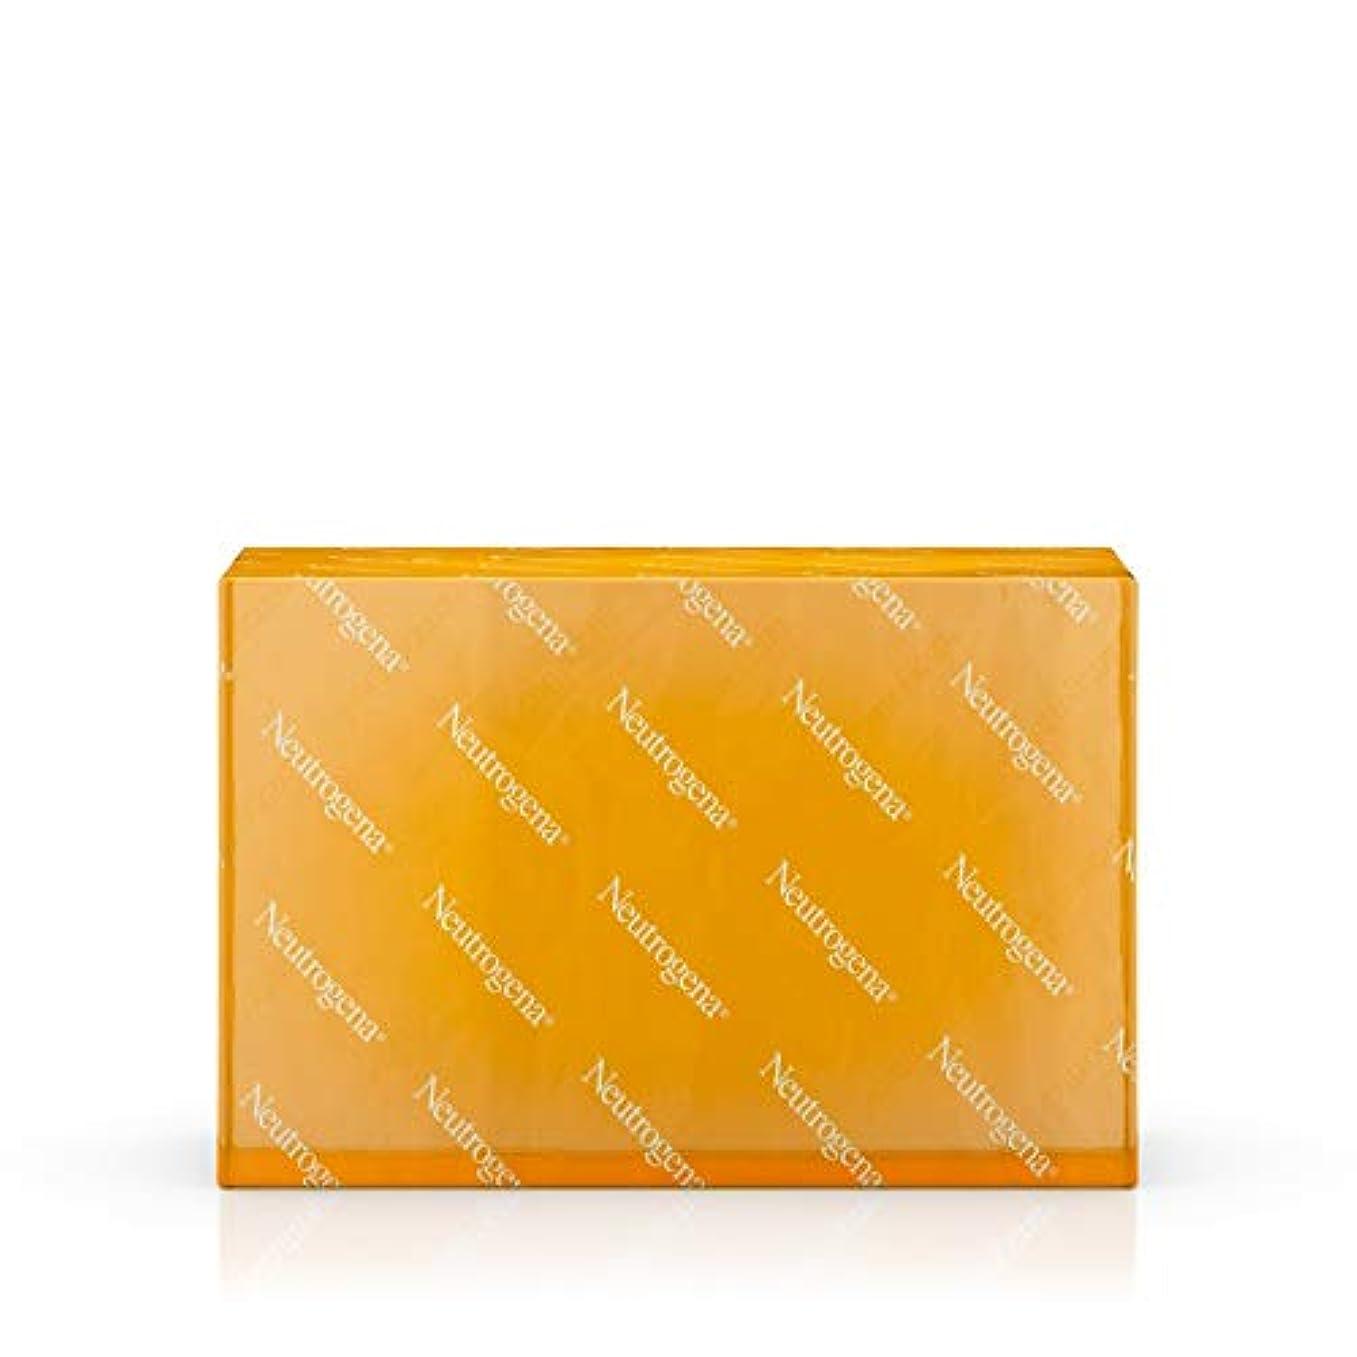 無駄に始める意志海外直送品 Neutrogena Neutrogena Transparent Facial Bar Soap Fragrance Free, Fragrance Free 3.5 oz